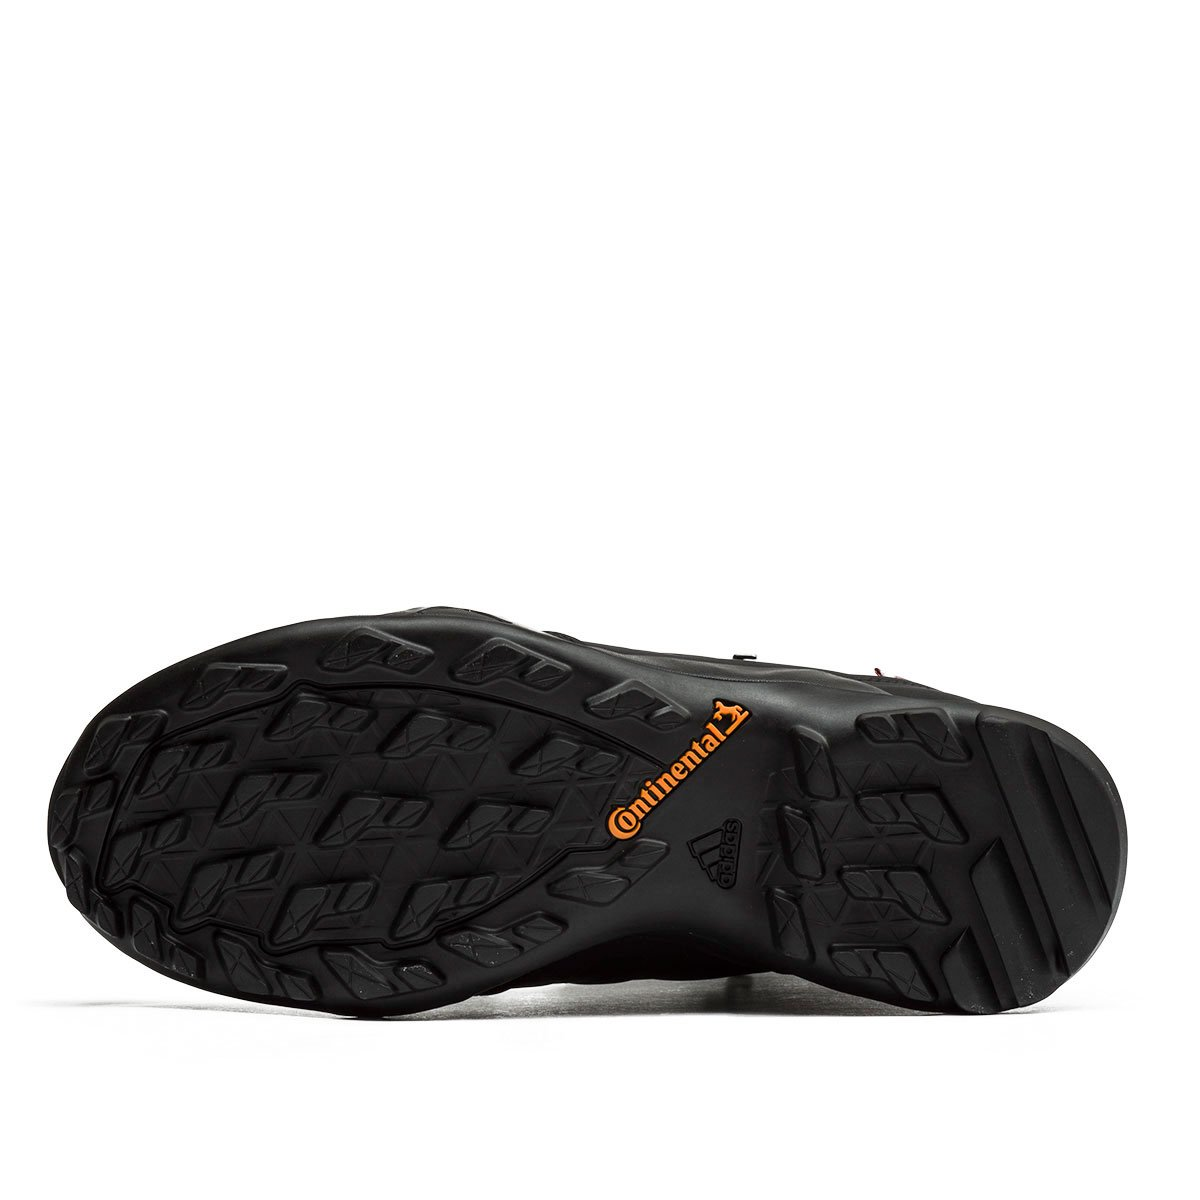 Adidas Terrex AX3 Beta Mid ClimaWarm